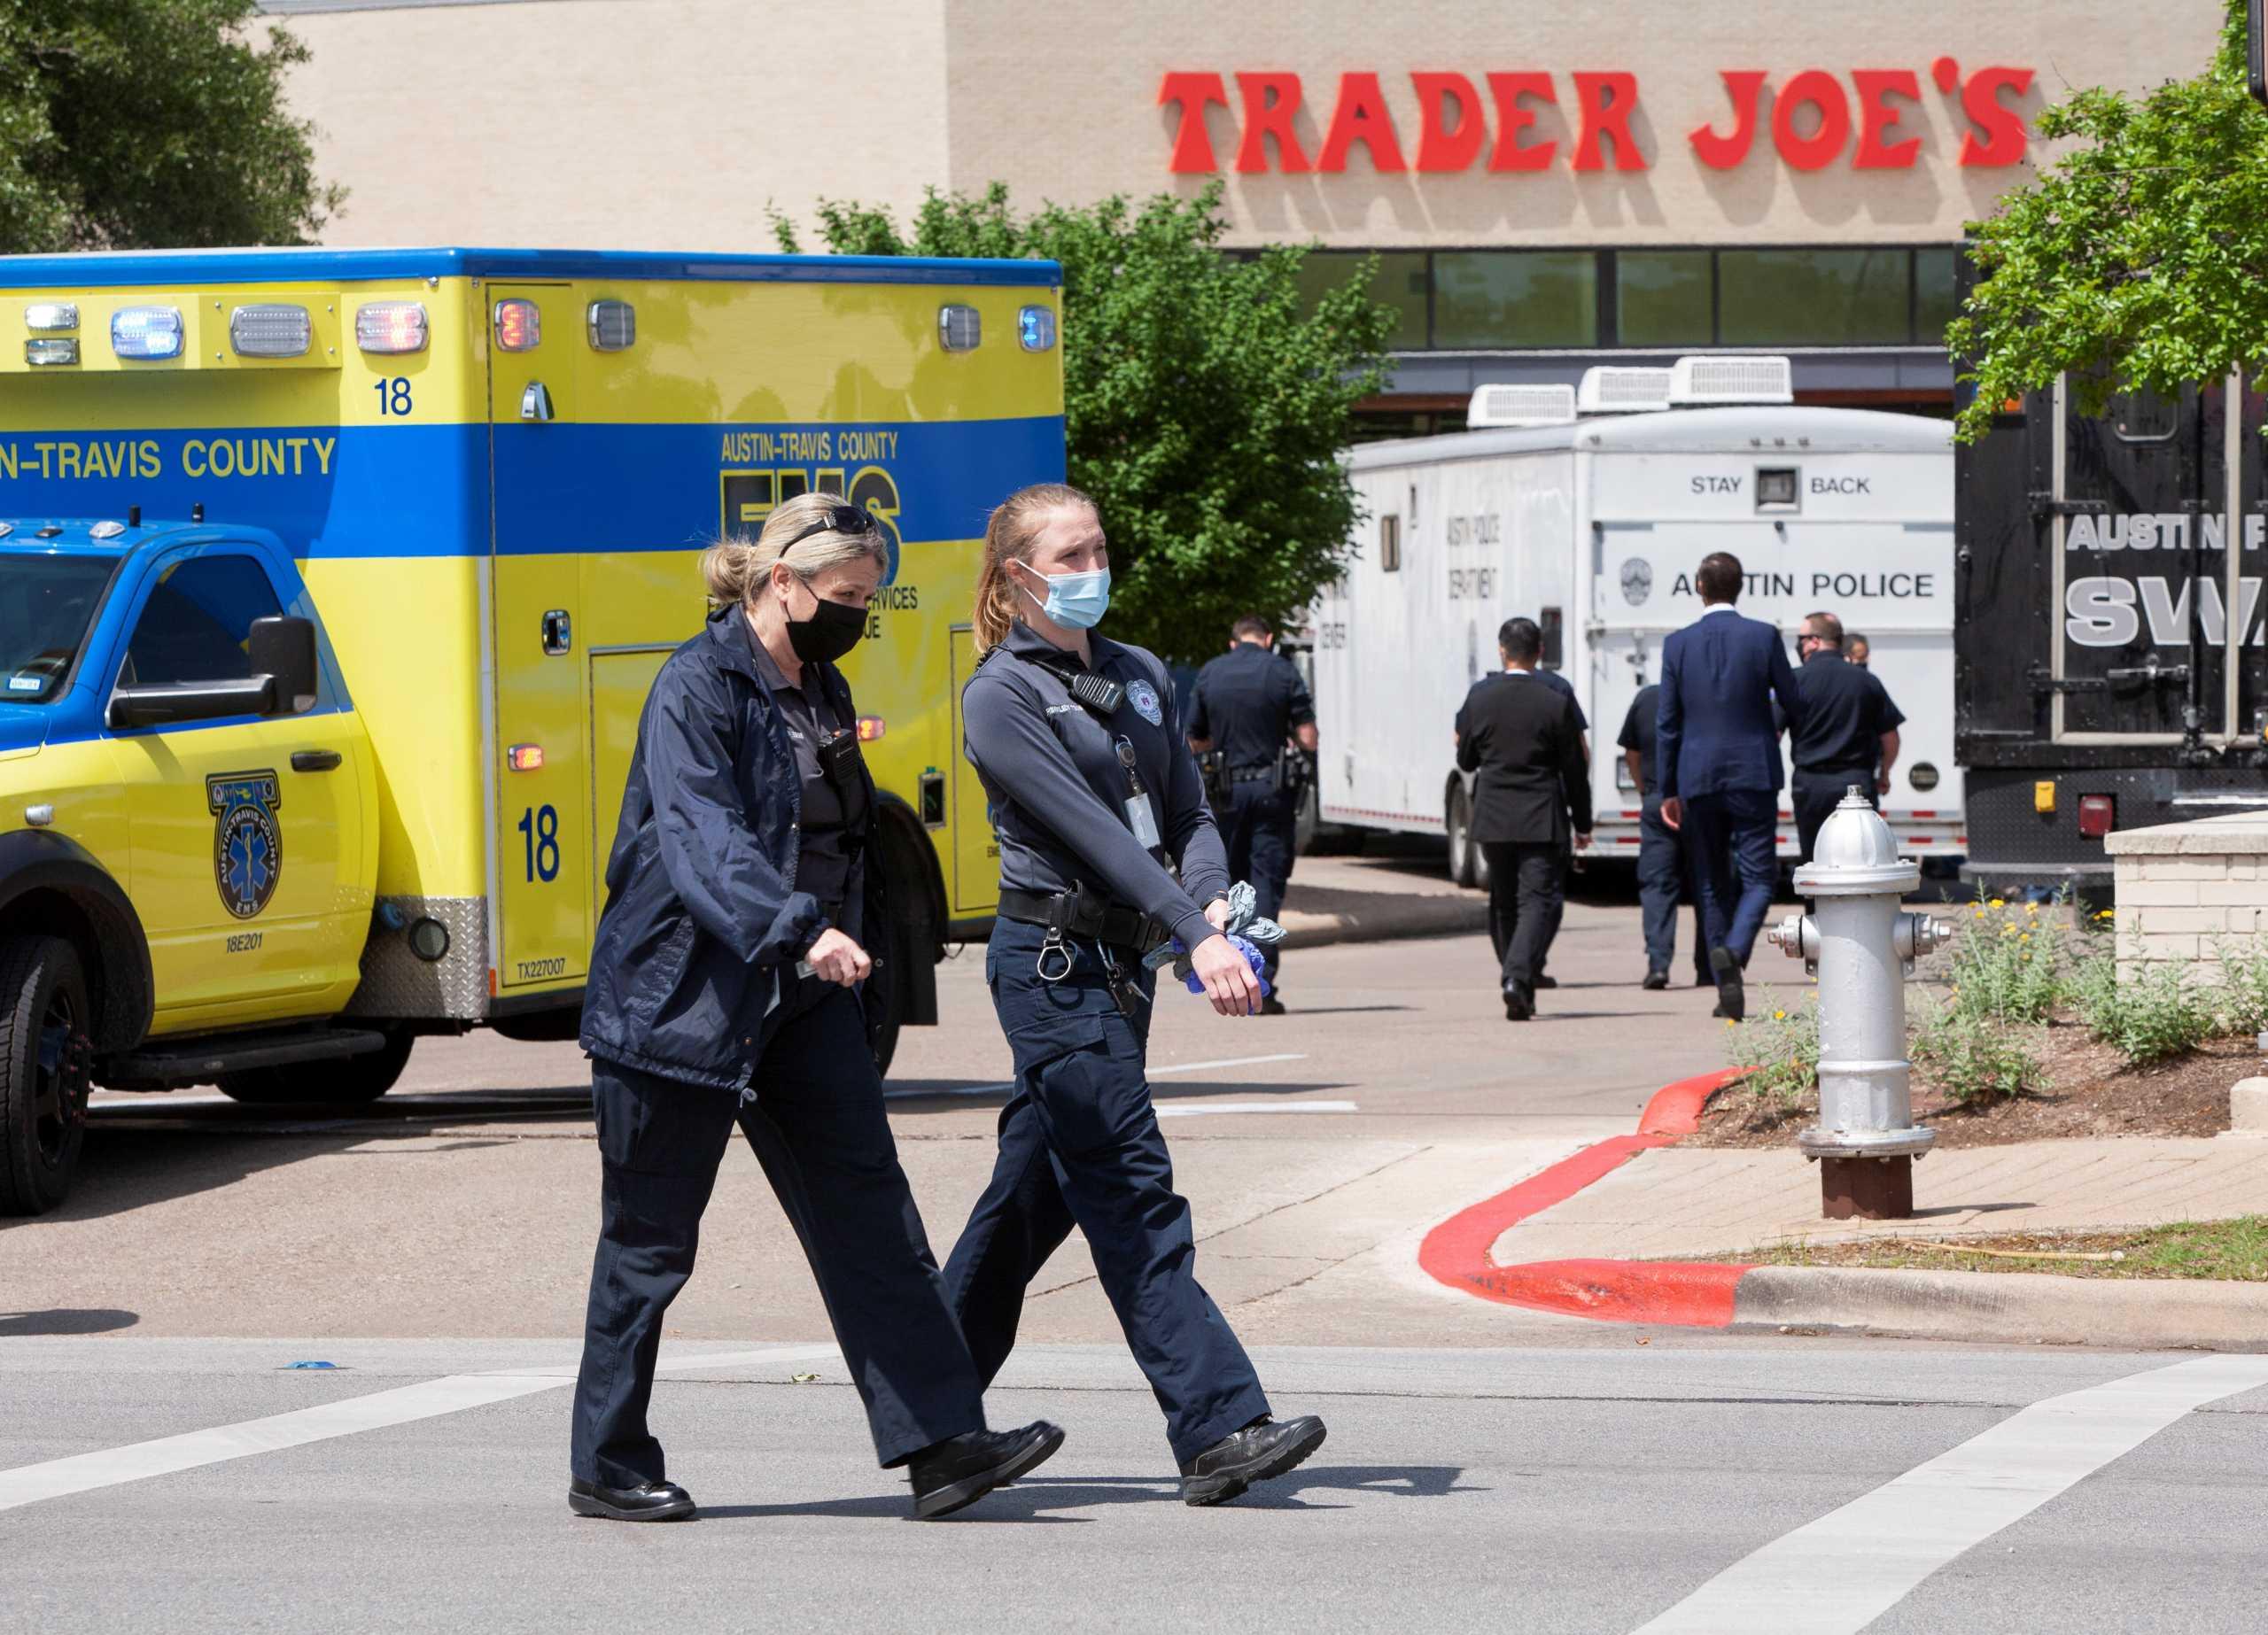 ΗΠΑ: Τρεις νεκροί από πυρά στο Οστιν του Τέξας